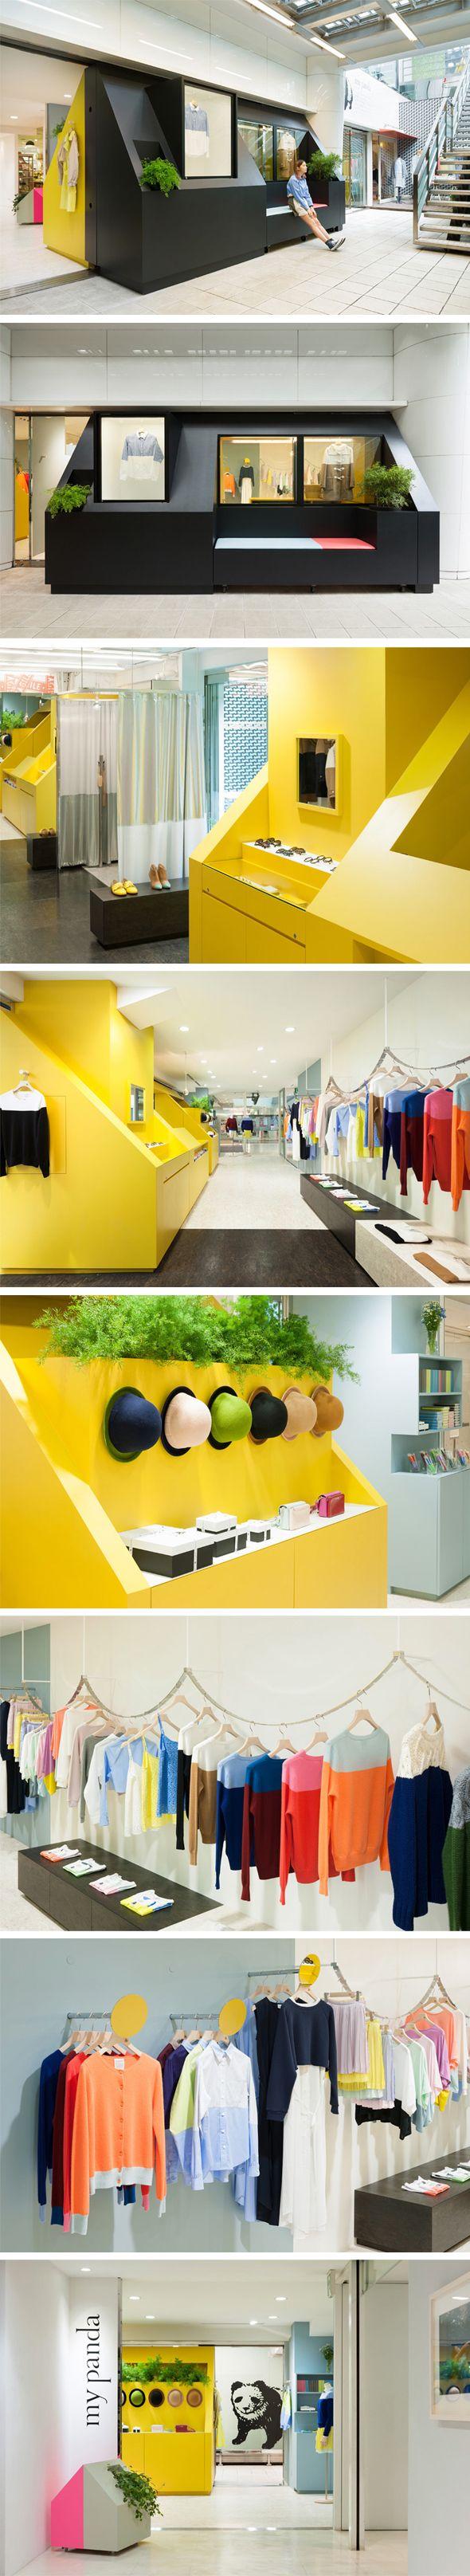 """Loja colorida com exposição divertida.  Interessante """"gentileza urbana"""" dentro do shopping. My Panda Retail Store - Torafu Architects"""